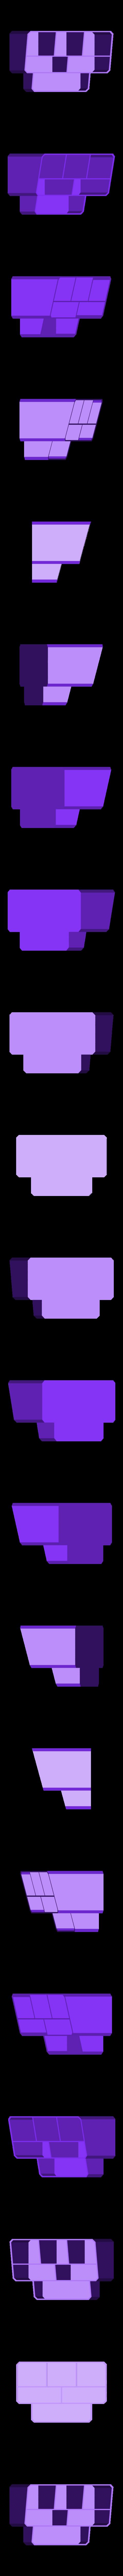 PenHolder with dot v1.stl Download free STL file Pencil case • 3D printing design, ReMont